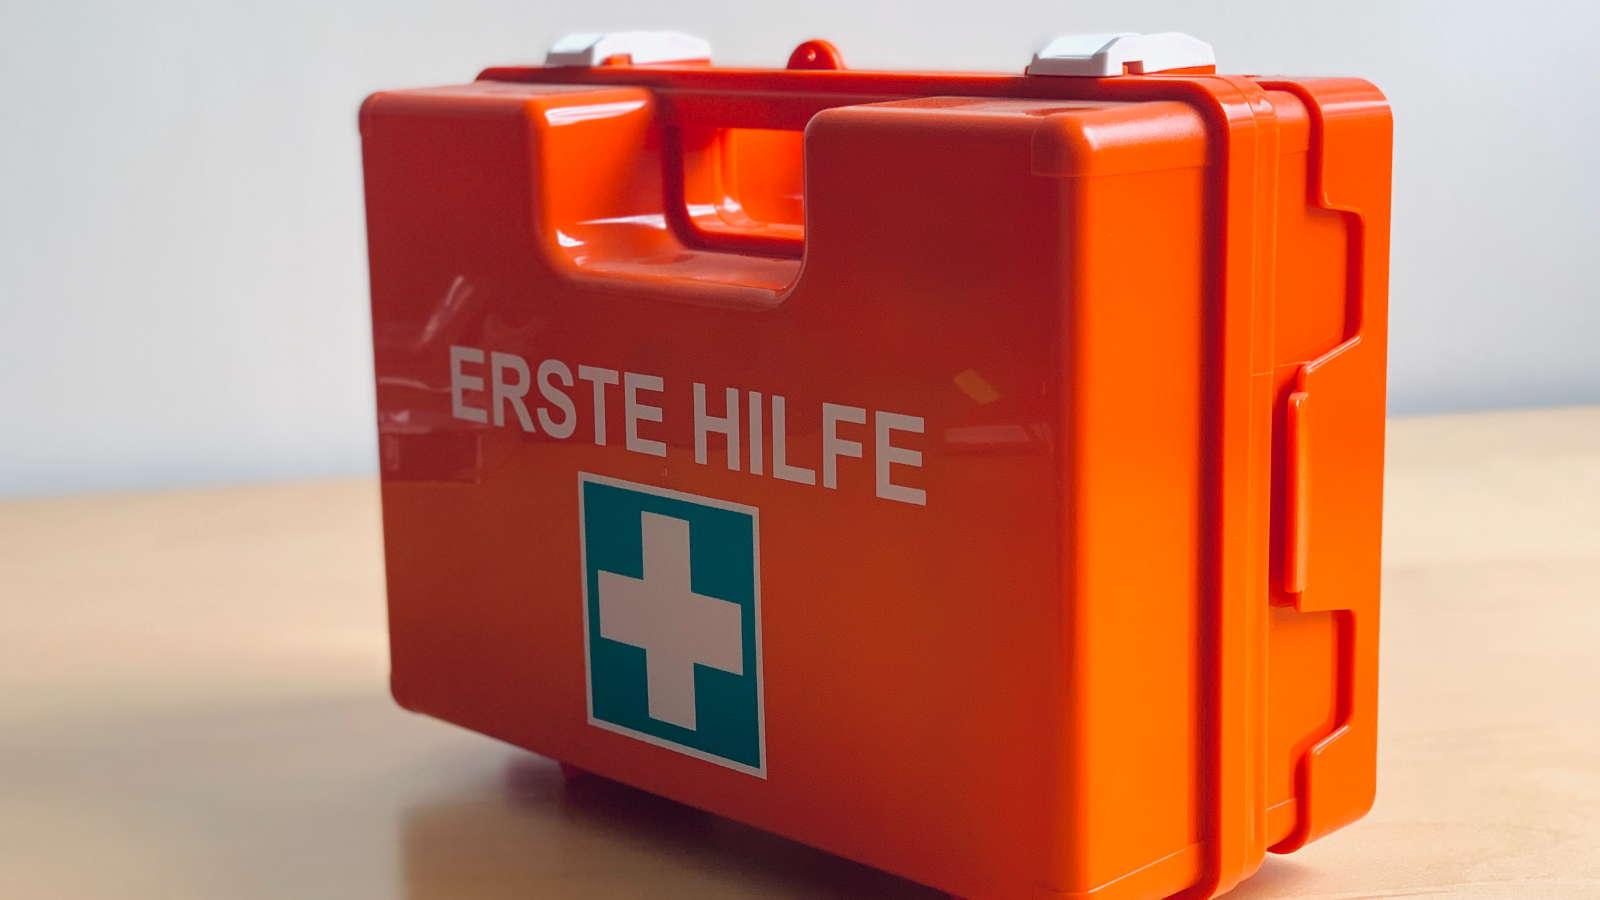 Foto: Erste Hilfe